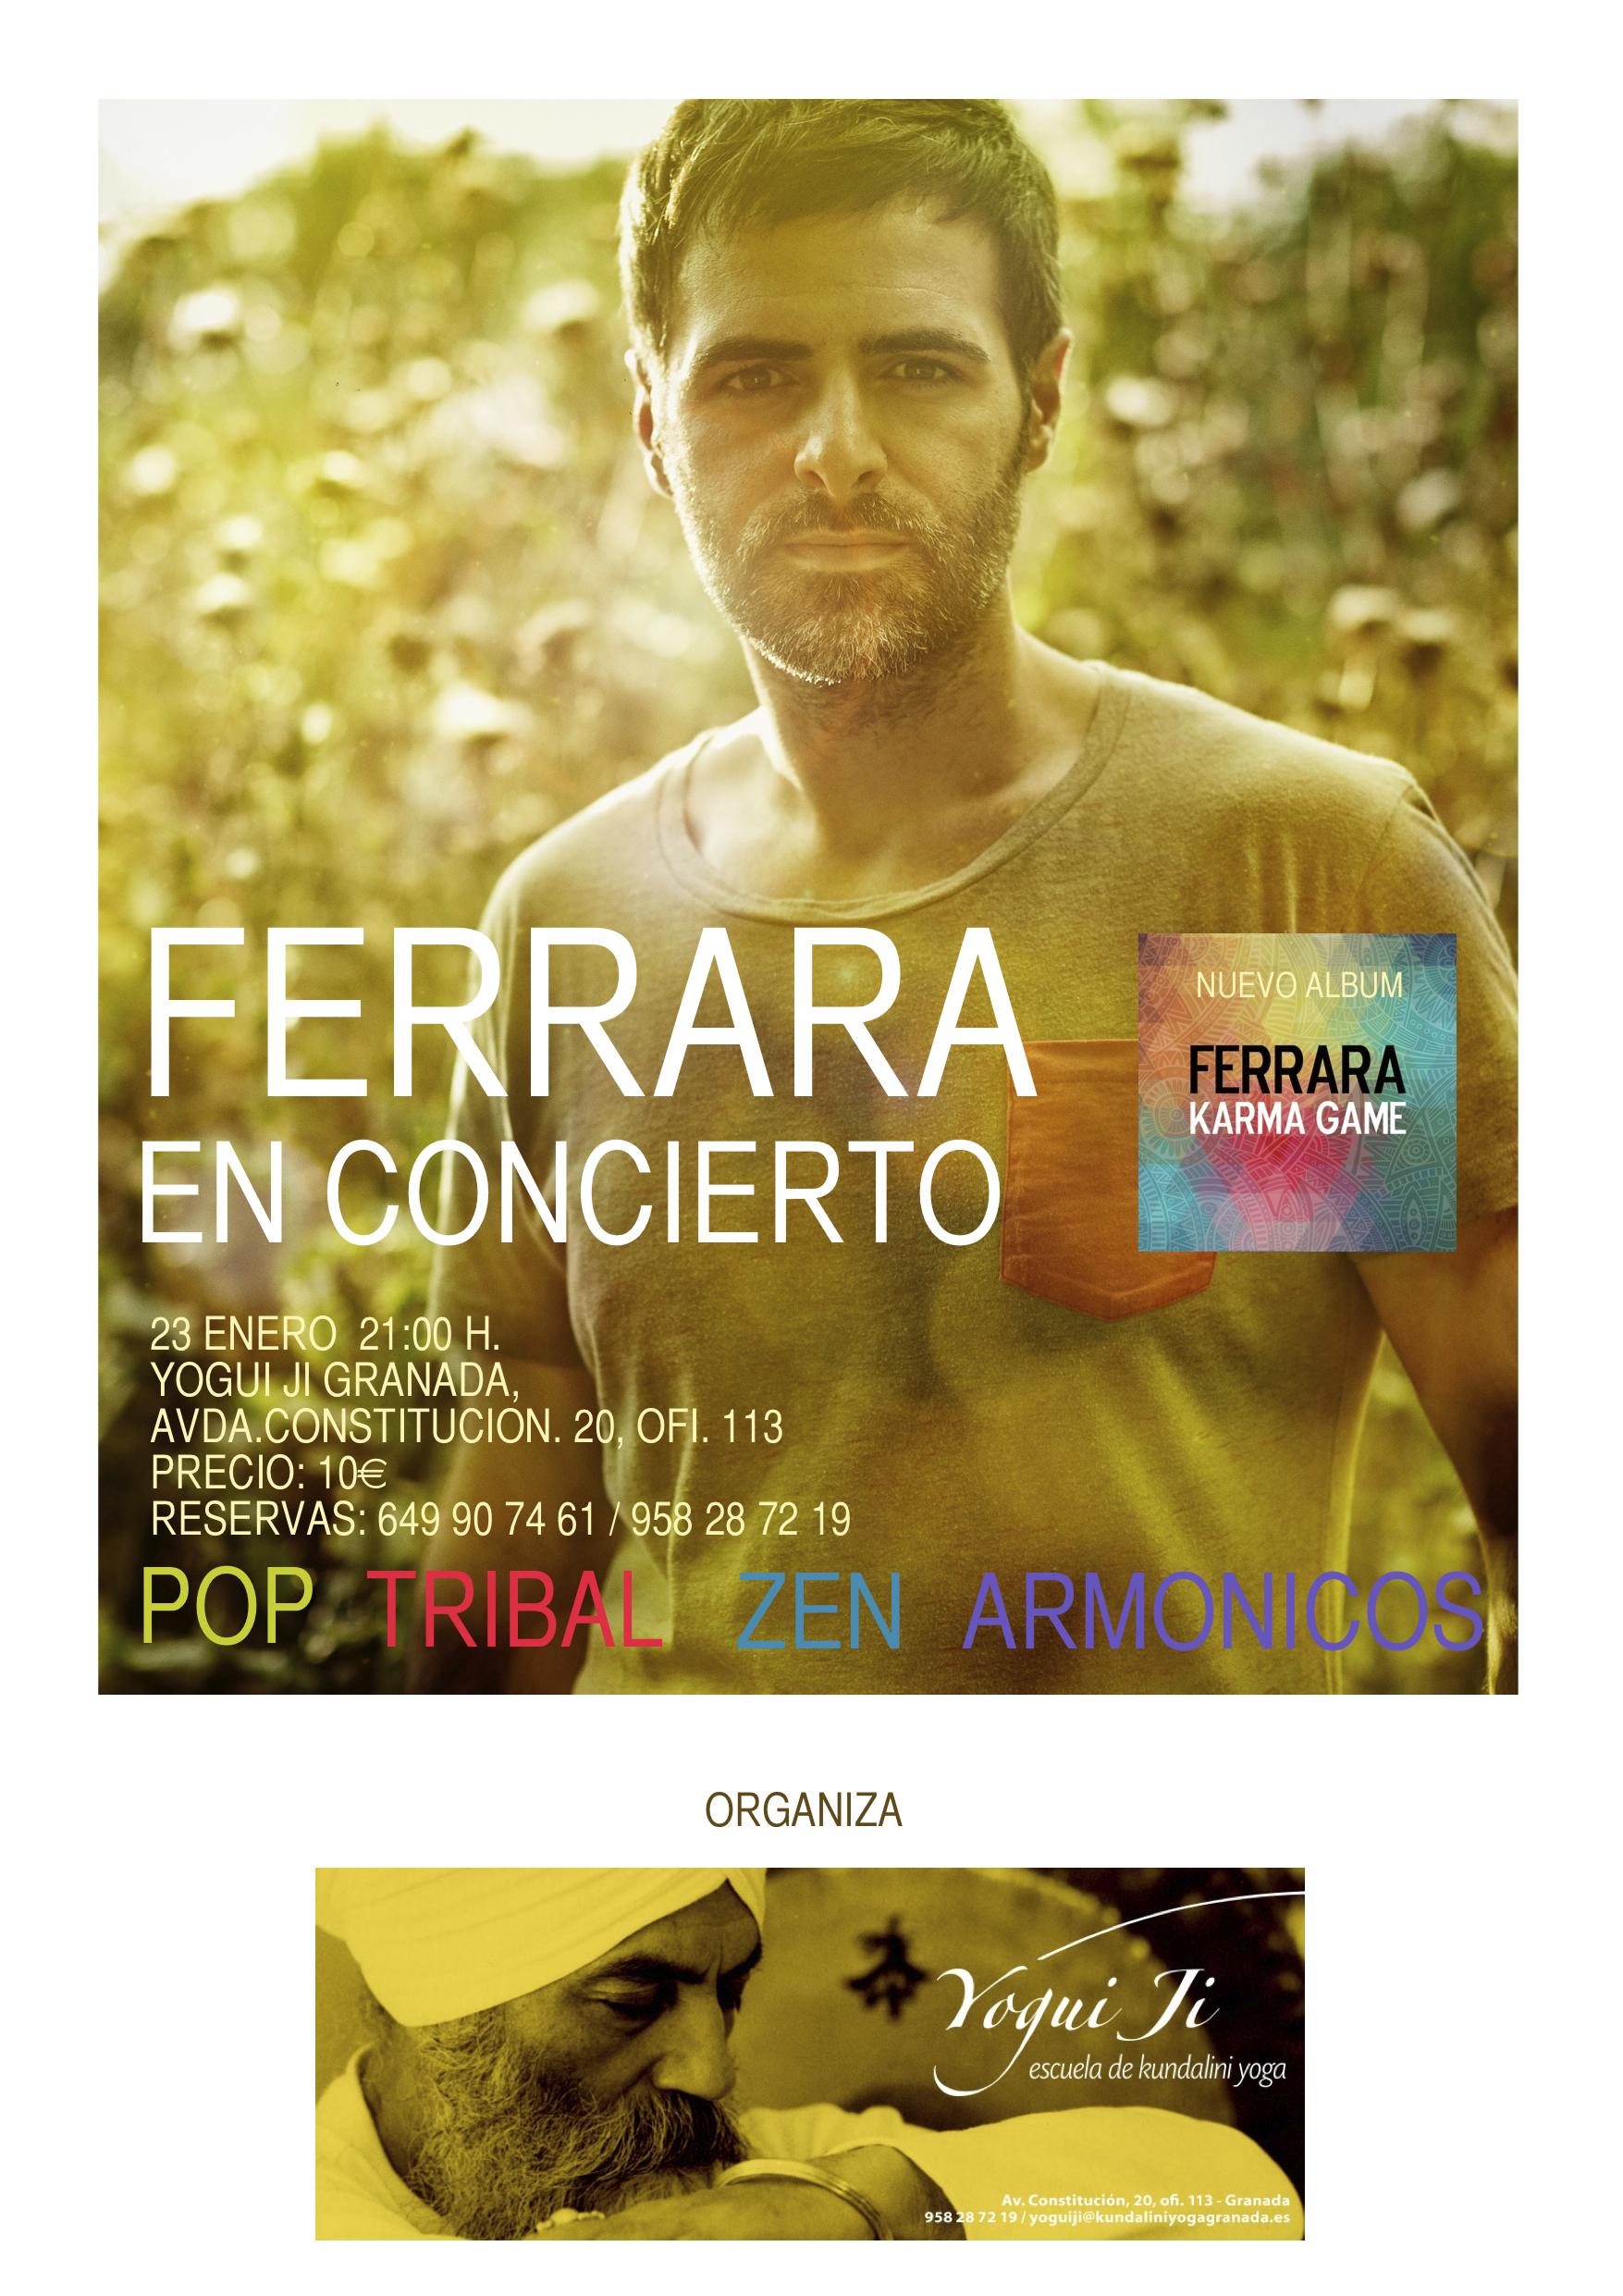 Antonio Ferrara presenta su nuevo álbum Karma Games en YoguiJi el 23/01/15